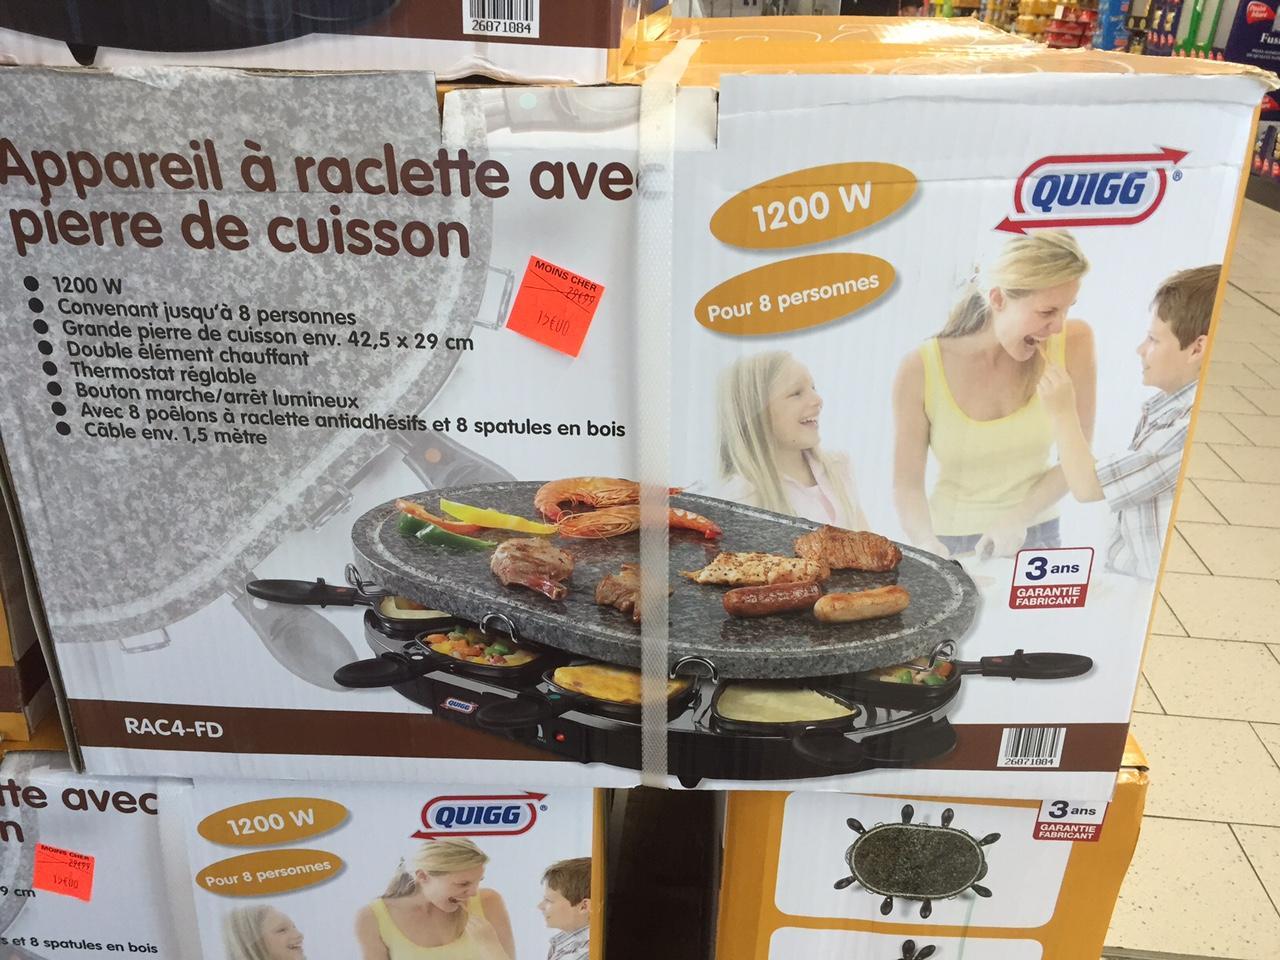 Appareil à raclette Quigg avec pierre de cuisson - 8 personnes